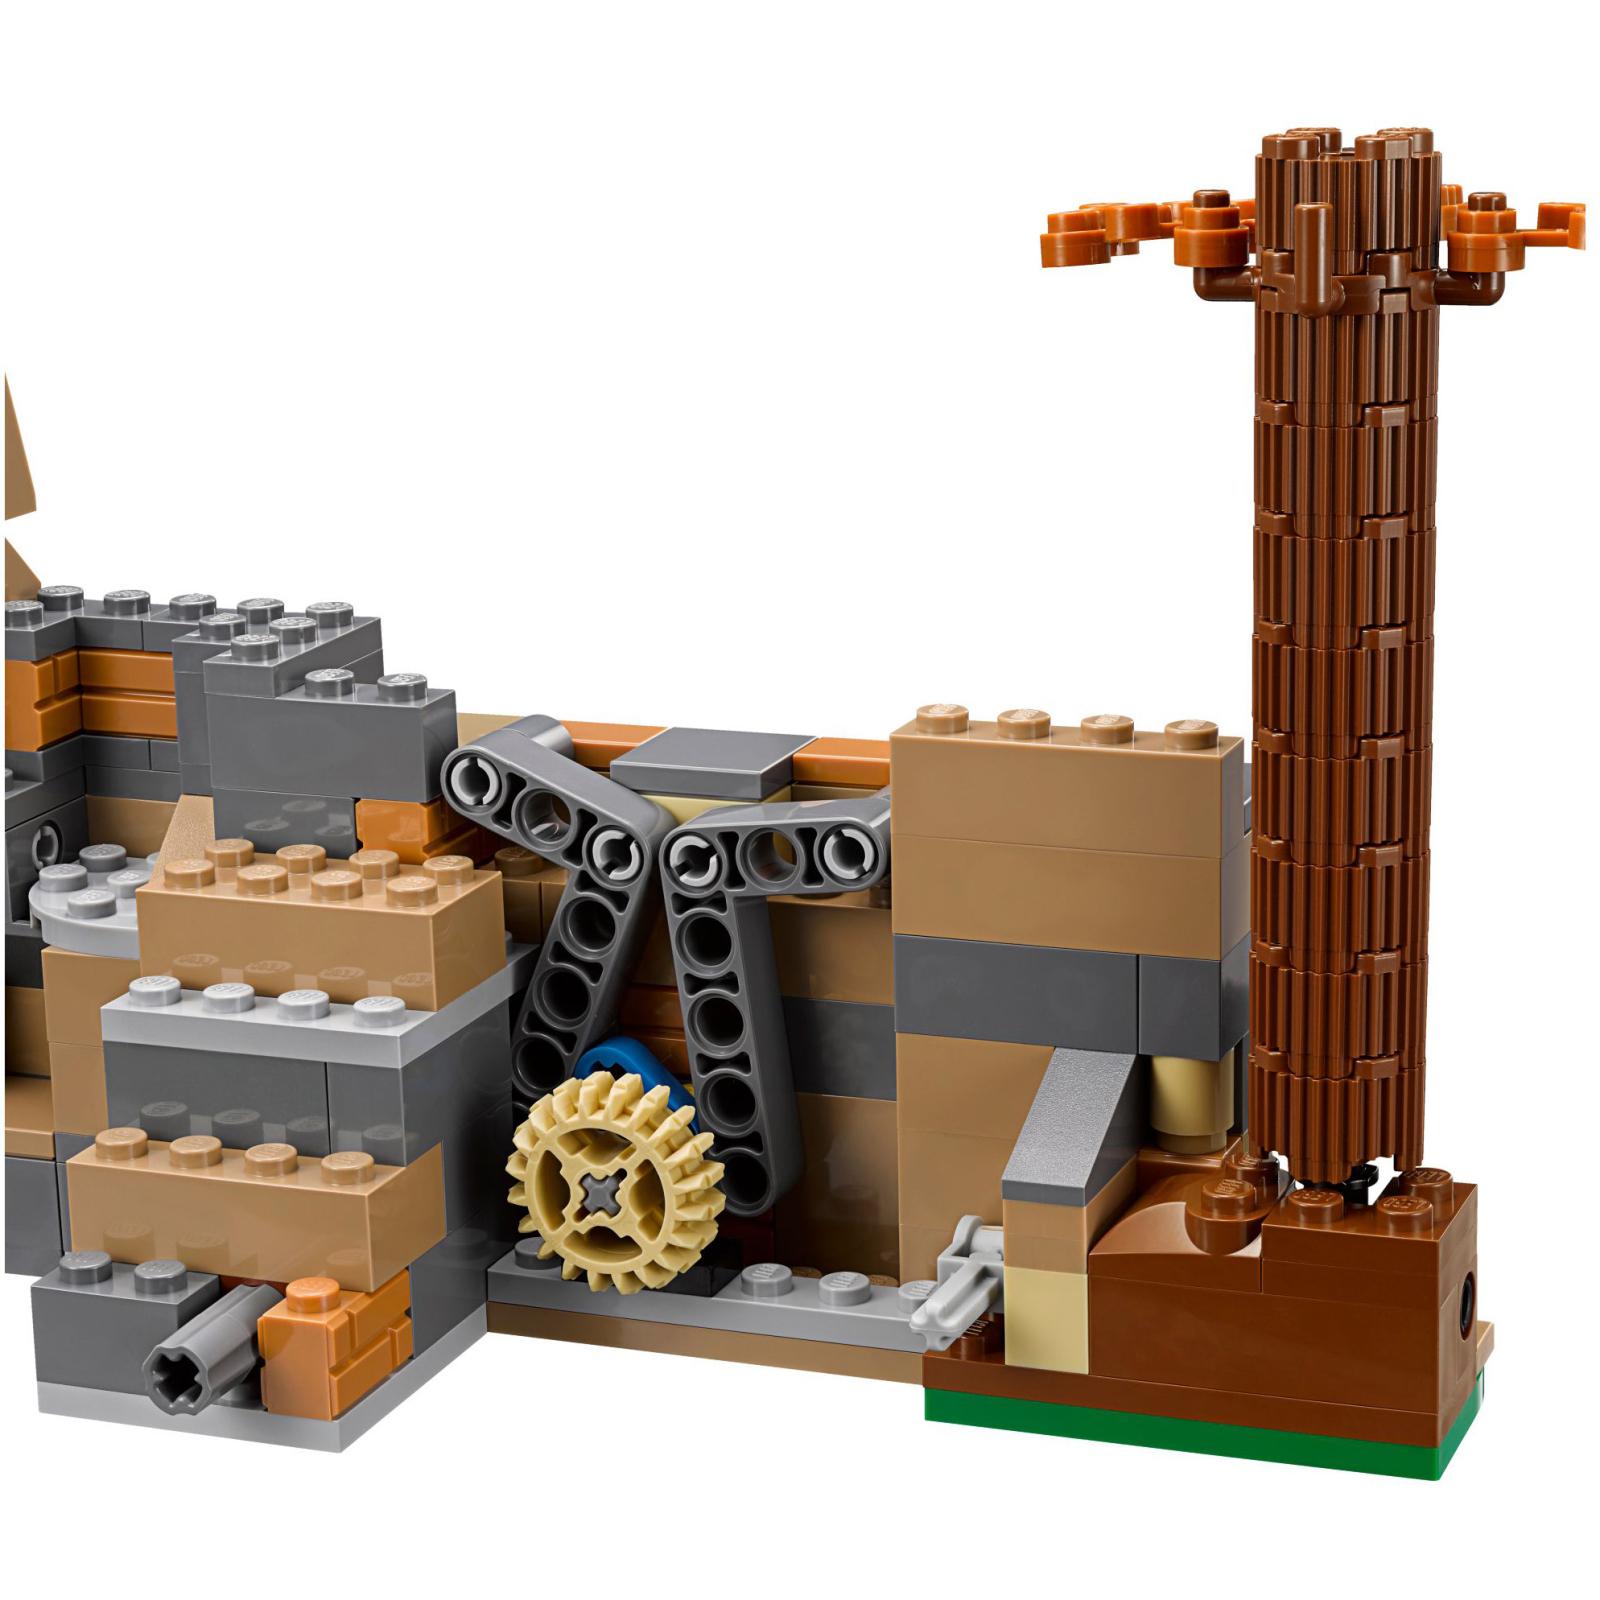 Конструктор LEGO Star Wars Битва на планете Такодана (75139) изображение 7